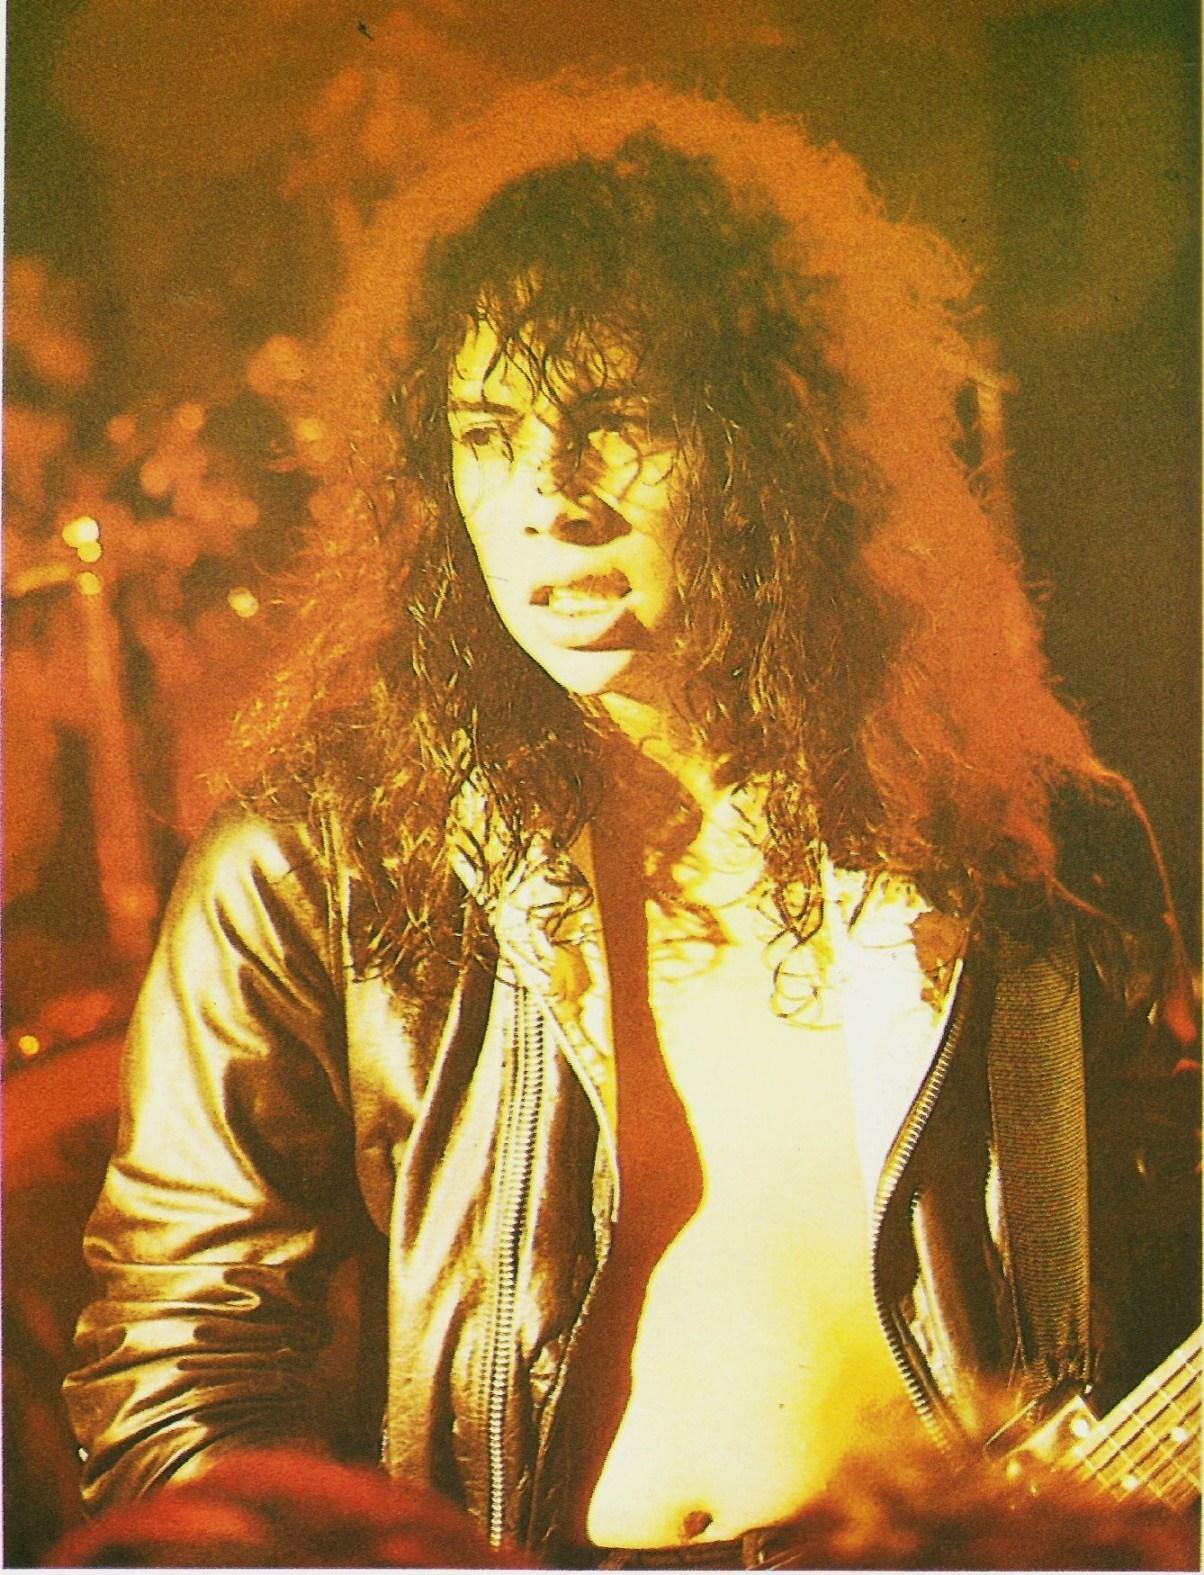 Kirk Hammett Kirk Hammett Photo 20342063 Fanpop